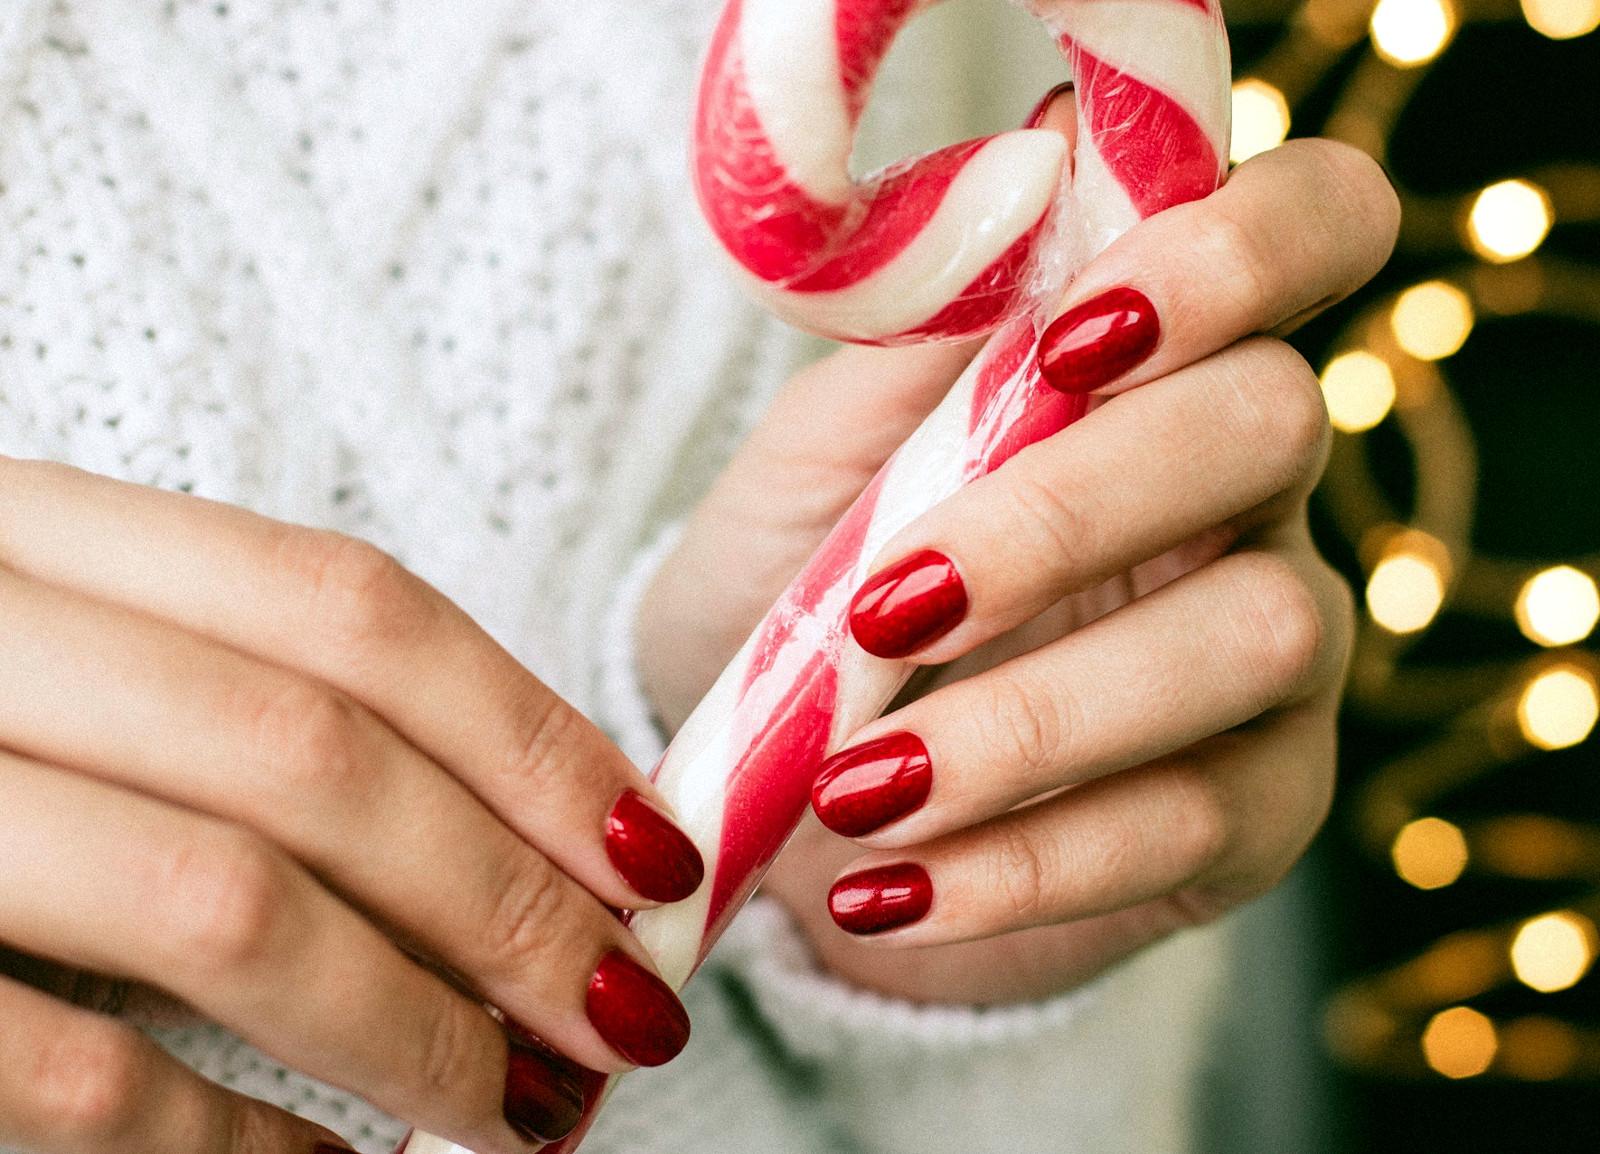 diseños de uñas en rojo